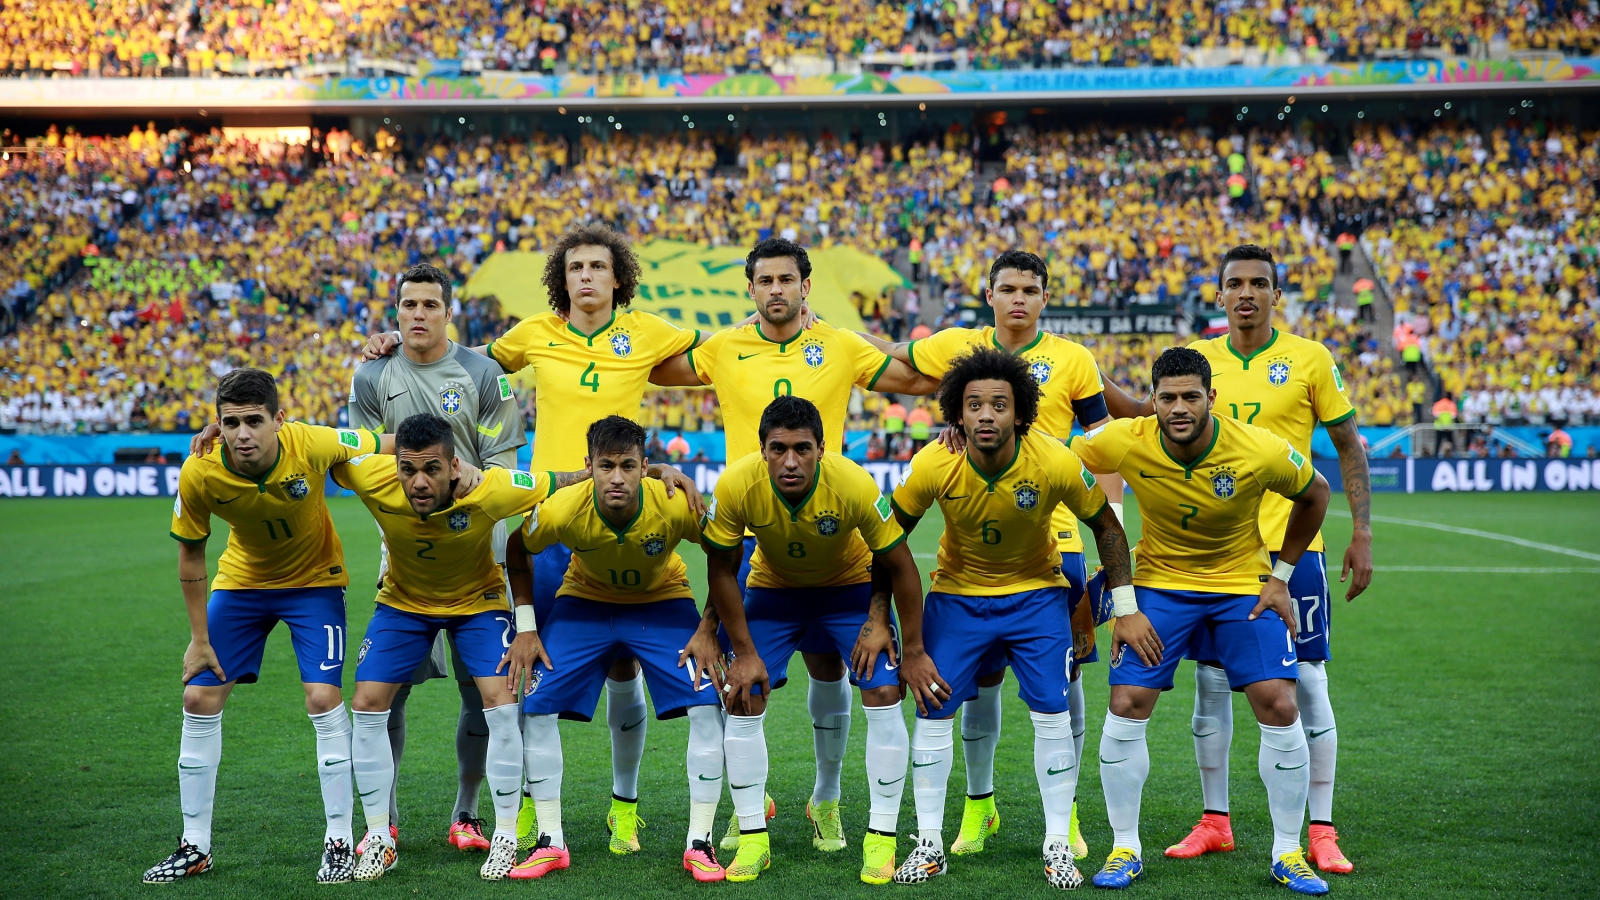 Selección de Brasil 2014 - 1600x900